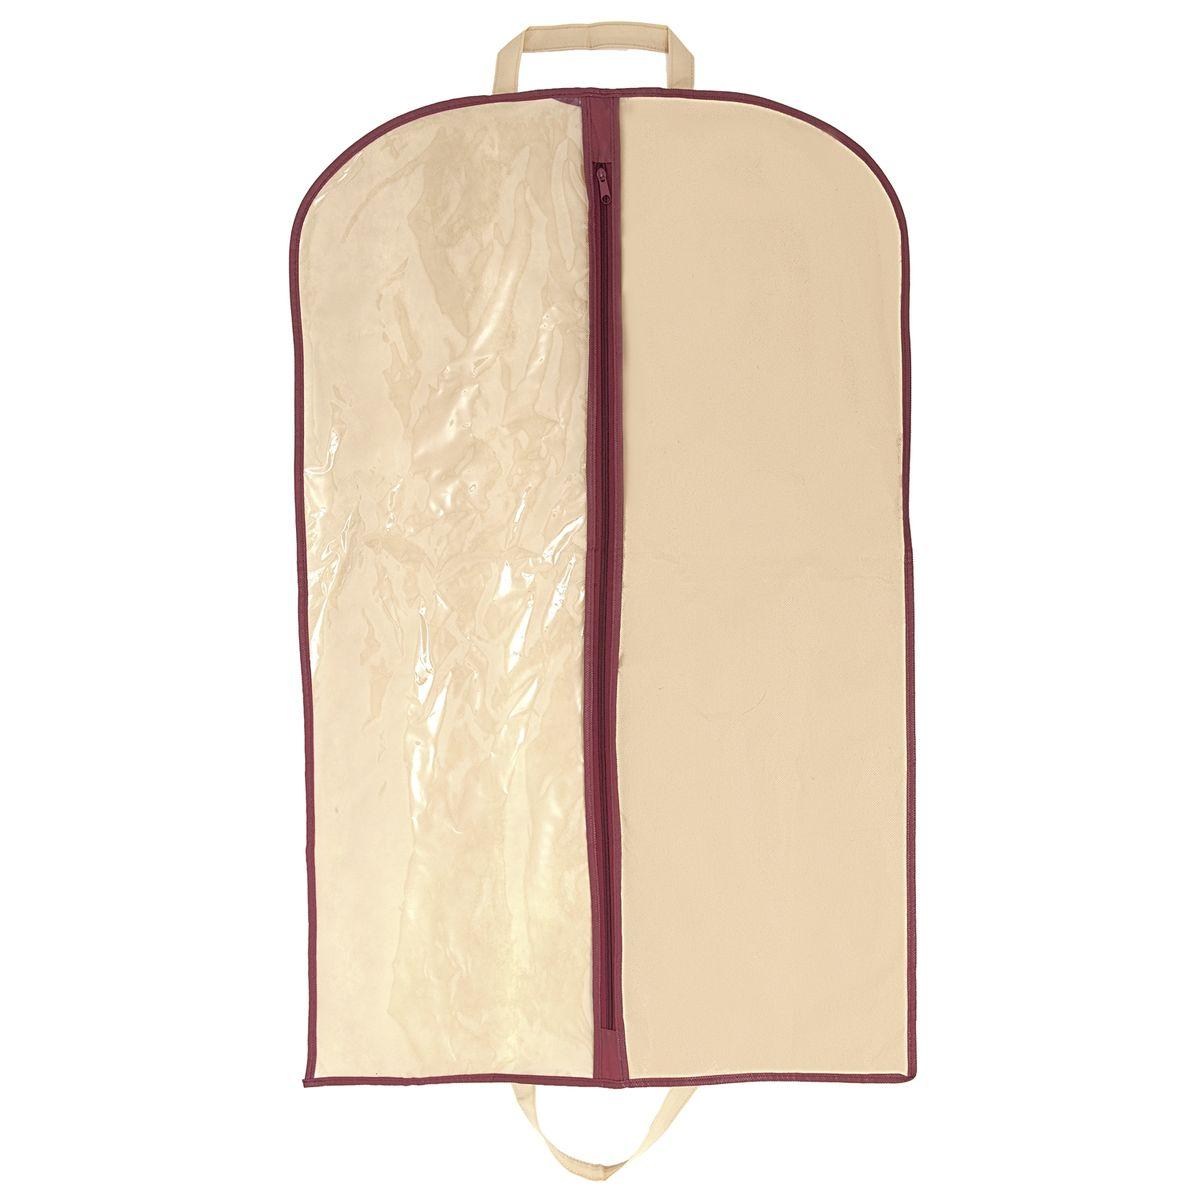 Чехол для одежды Homsu Comfort, цвет: бежевый, 100 x 60 смHOM-680Такой чехол для одежды размером 100Х60см , произведённый в очень оригинальном стиле, поможет полноценно сберечь вашу одежду, как в домашнем хранении, так и во время транспортировки. Благодаря специальному материалу- спанбонду, ваша одежда будет не доступна для моли и не выцветет, а прозрачная половина, выполненная из ПВХ, позволит сразу же определить, что находится внутри. Размер изделия:100x60см